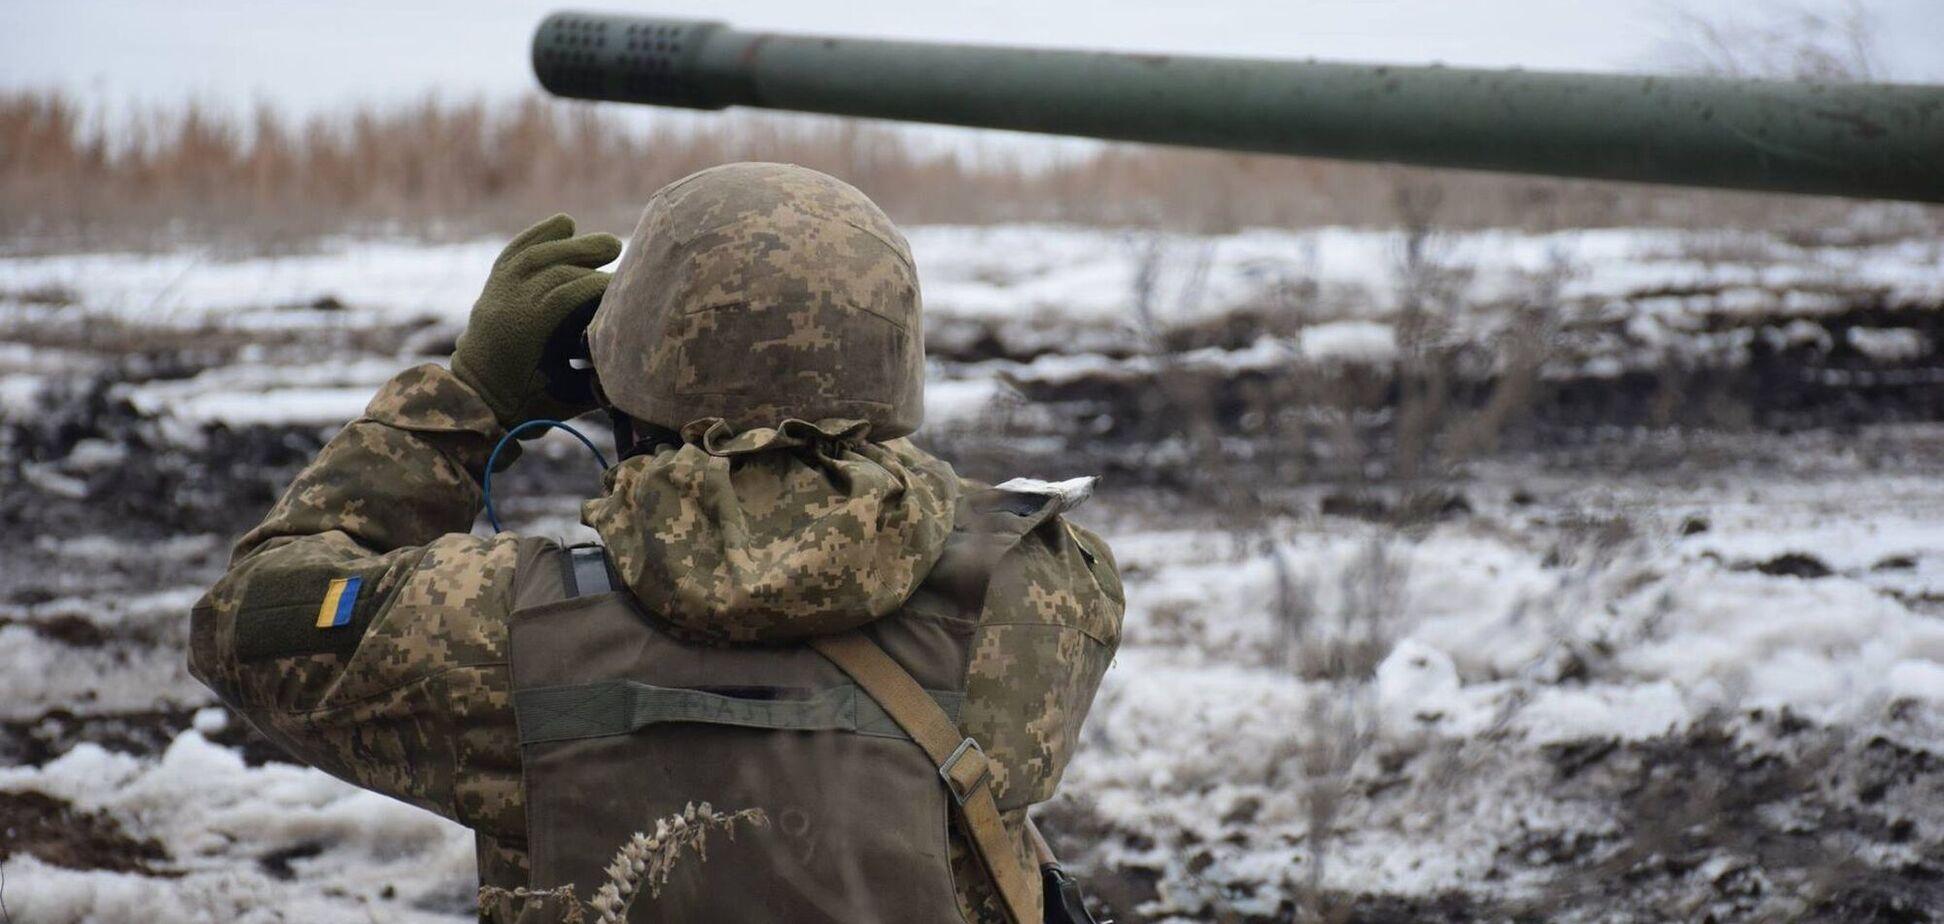 Вооруженные формирования РФ заминировали дистанционно участок Донбасса – штаб ООС